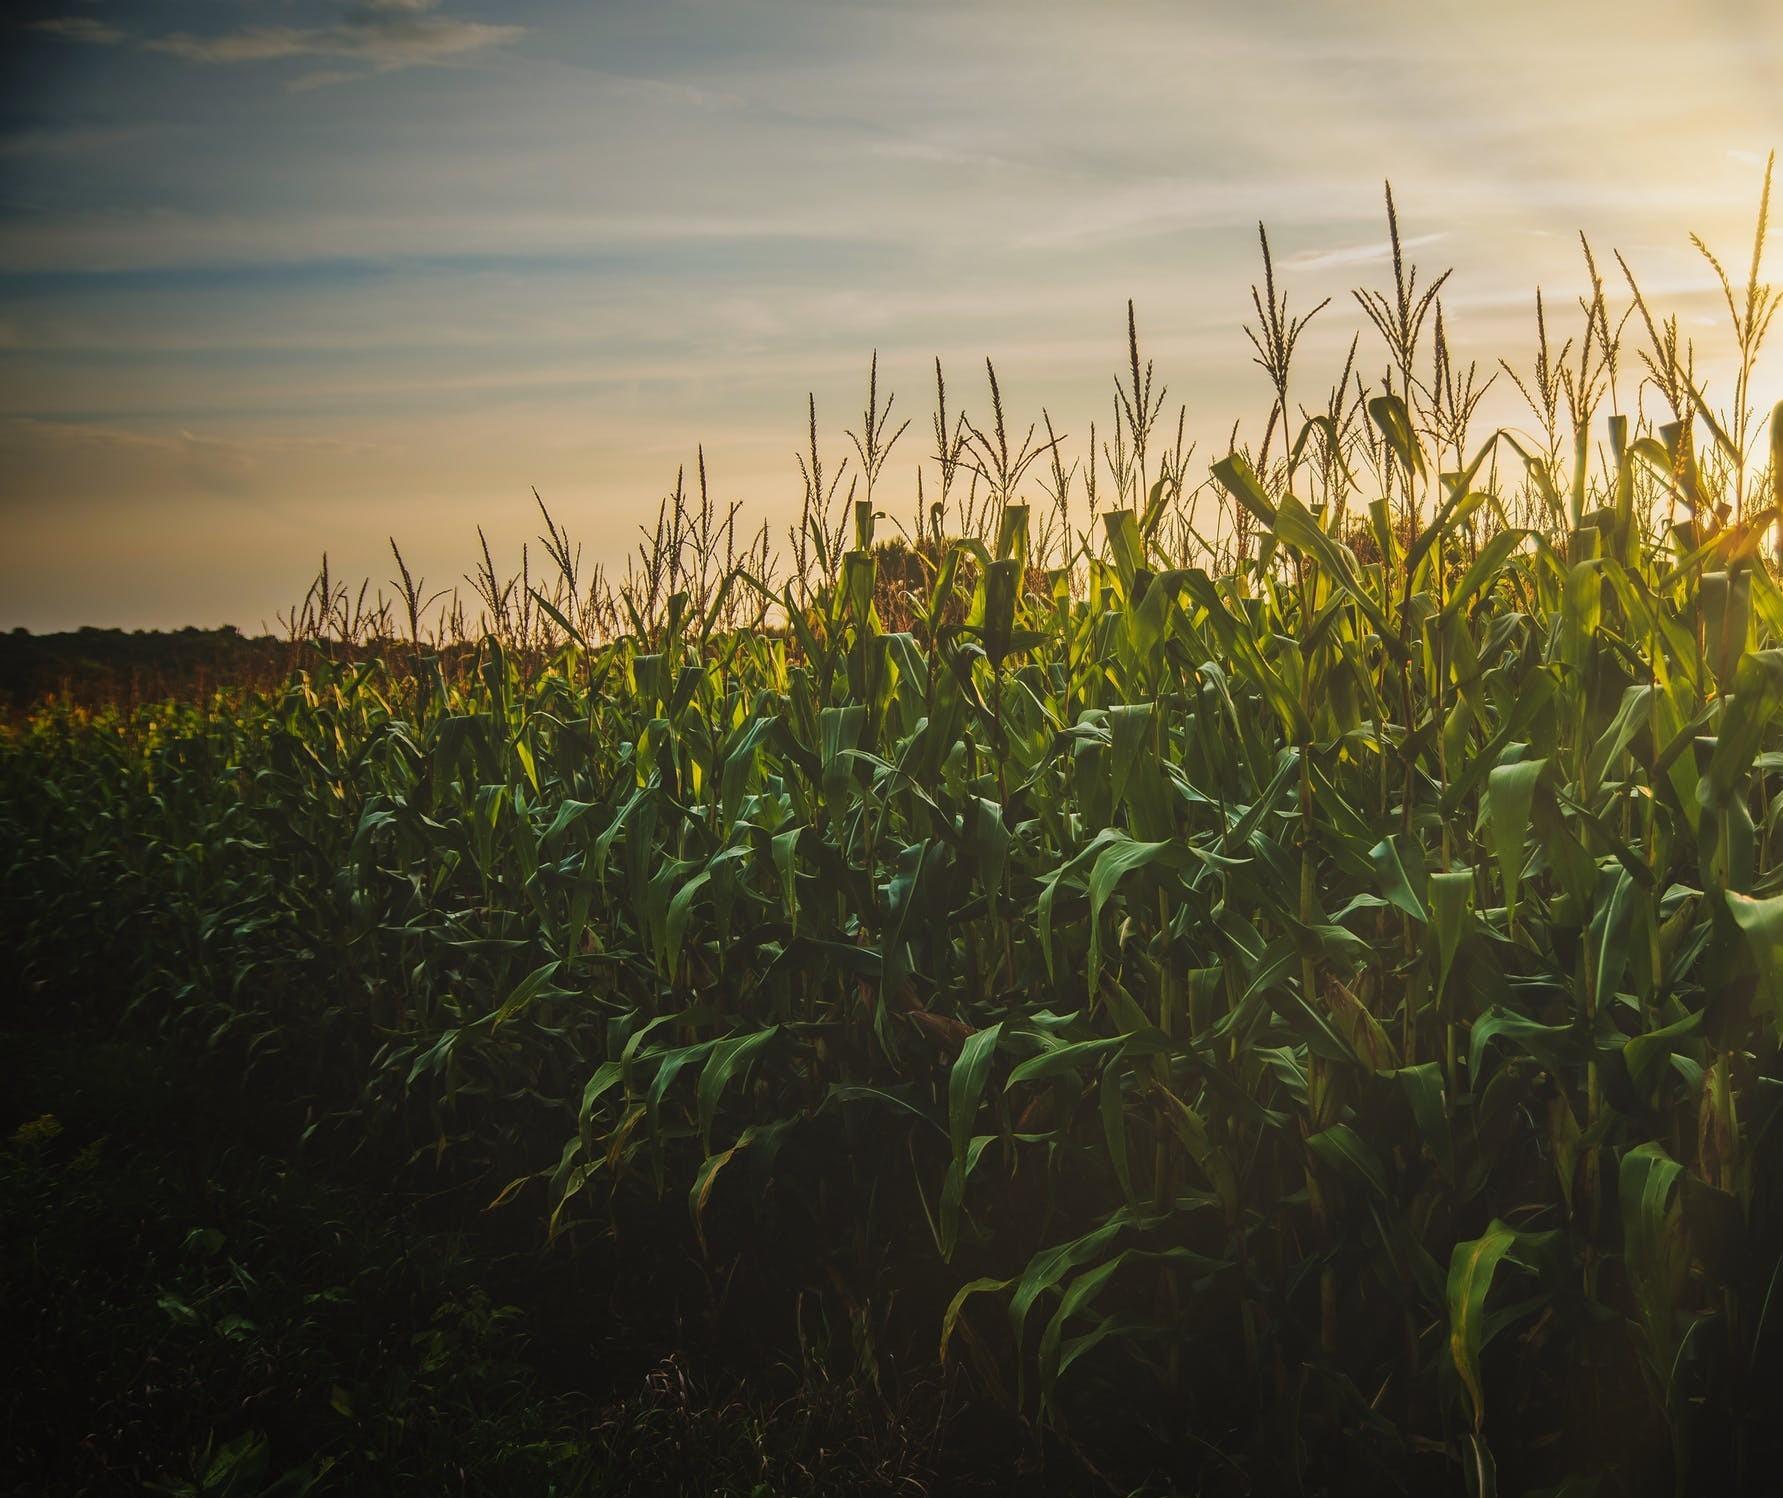 Etanol de milho para mitigar as emissões de gases de efeito estufa